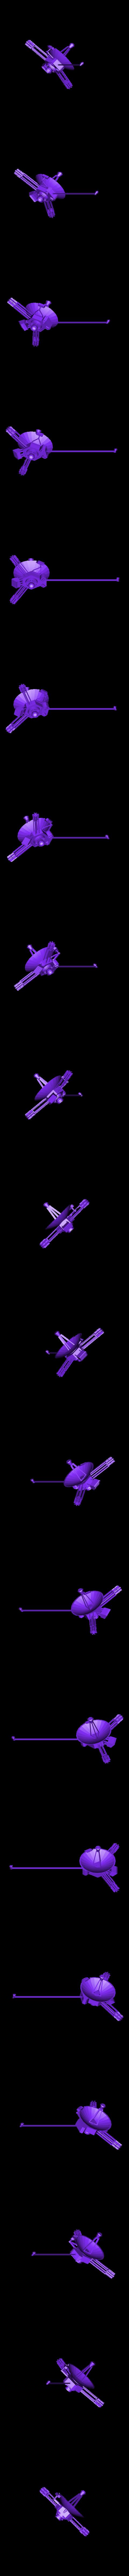 Pioneer.stl Télécharger fichier STL gratuit Pionnier • Design pour impression 3D, Slagerqod